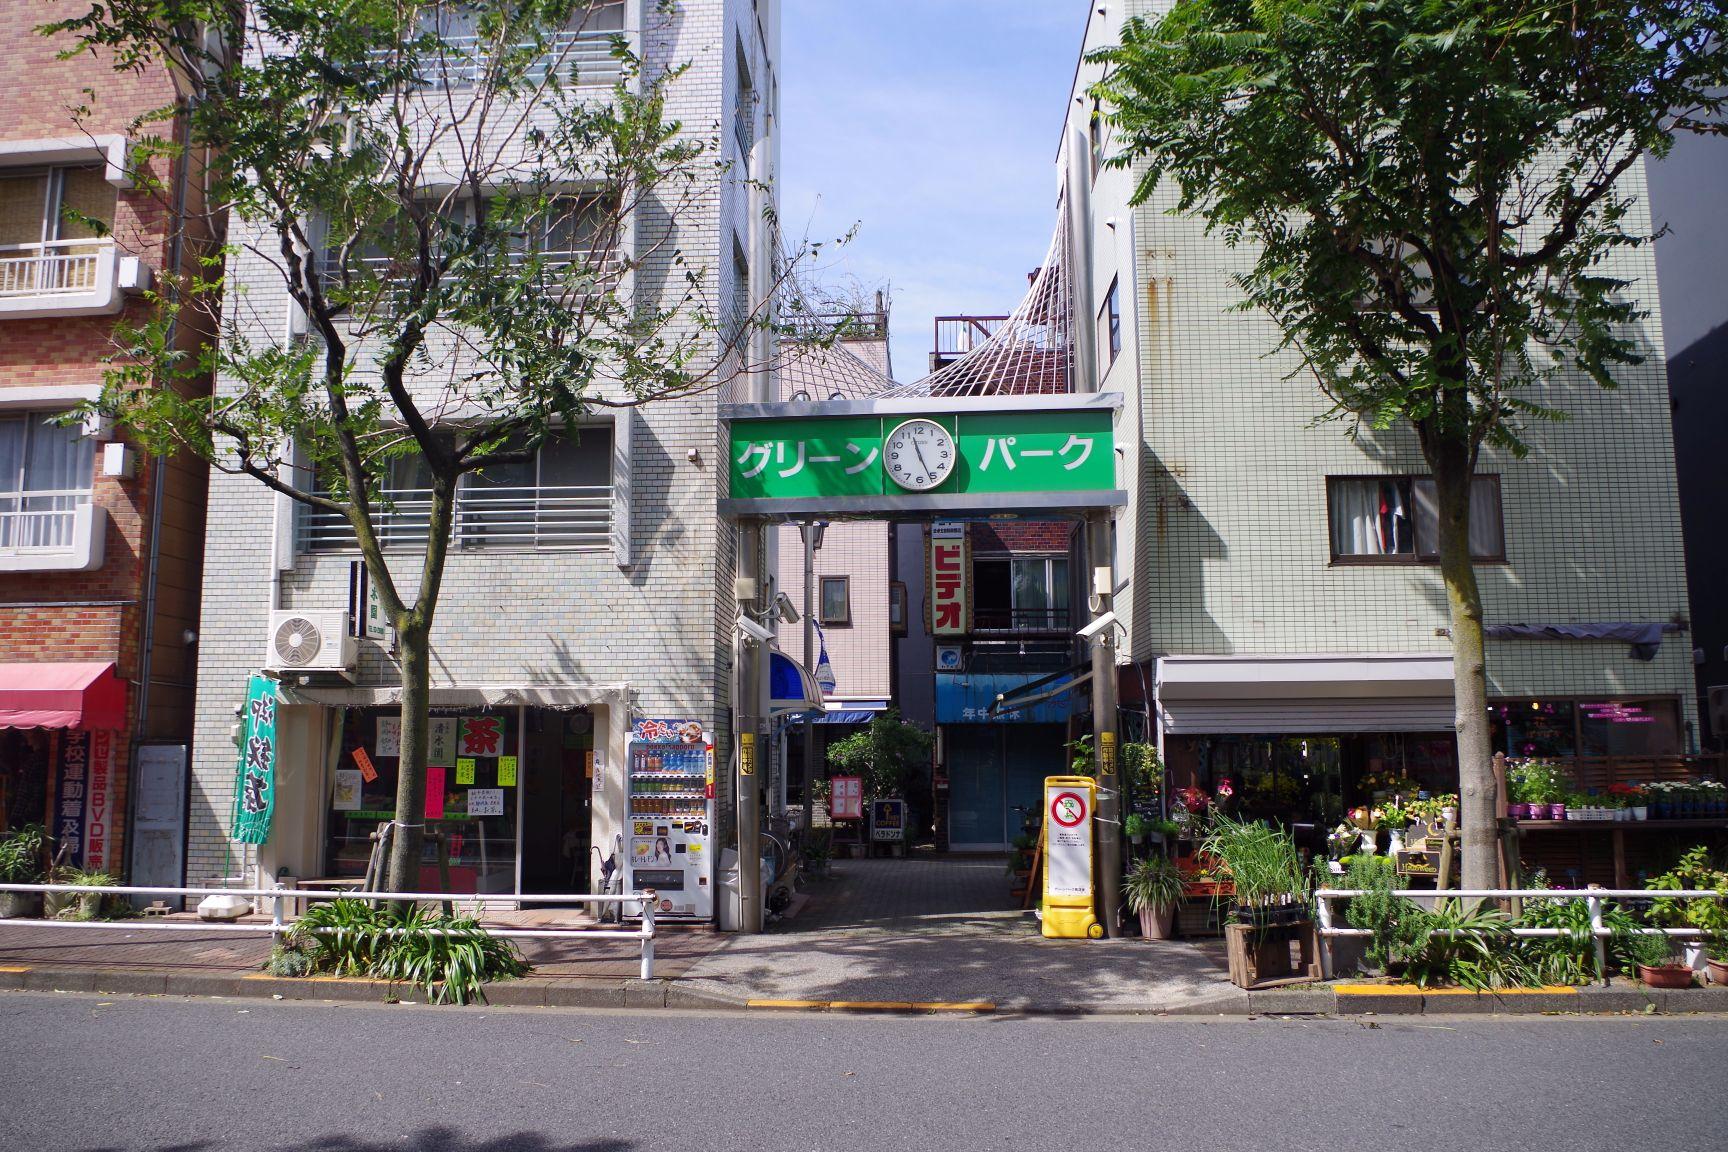 周辺施設:グリーンパーク(商店街)